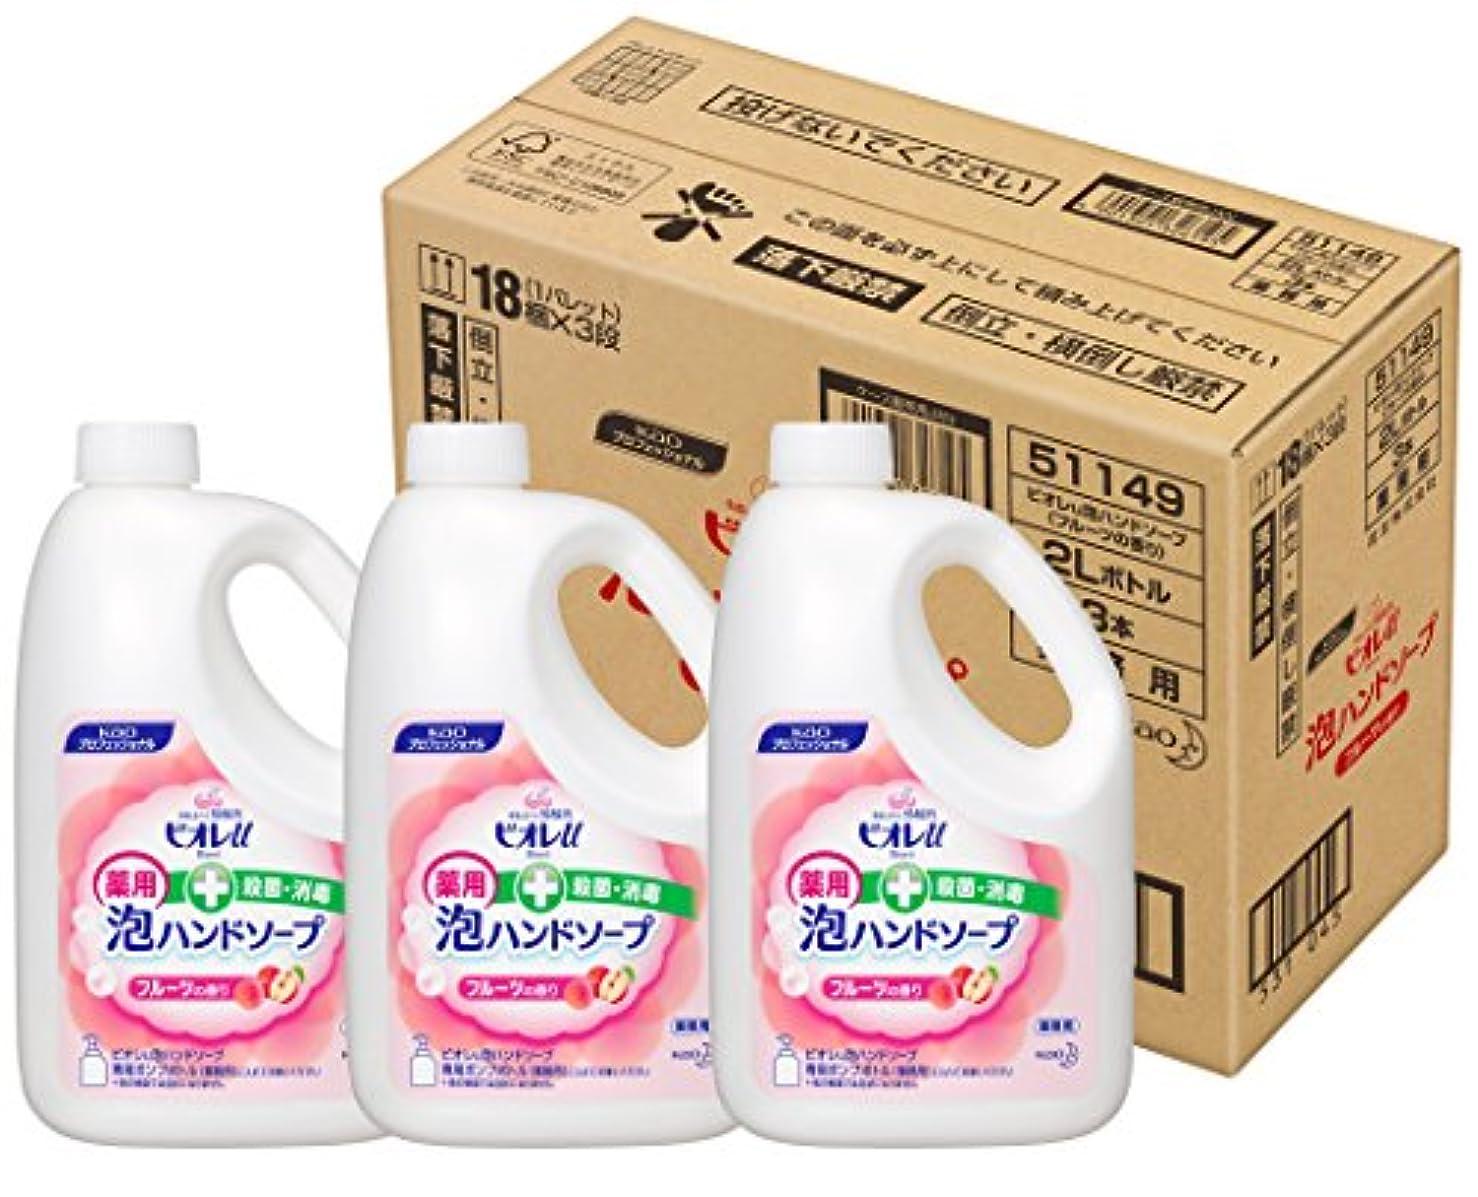 ケイ素オーロック相談する【ケース販売 業務用 泡ハンドソープ】ビオレu 泡ハンドソープ フルーツの香り 2L×3(プロフェッショナルシリーズ)